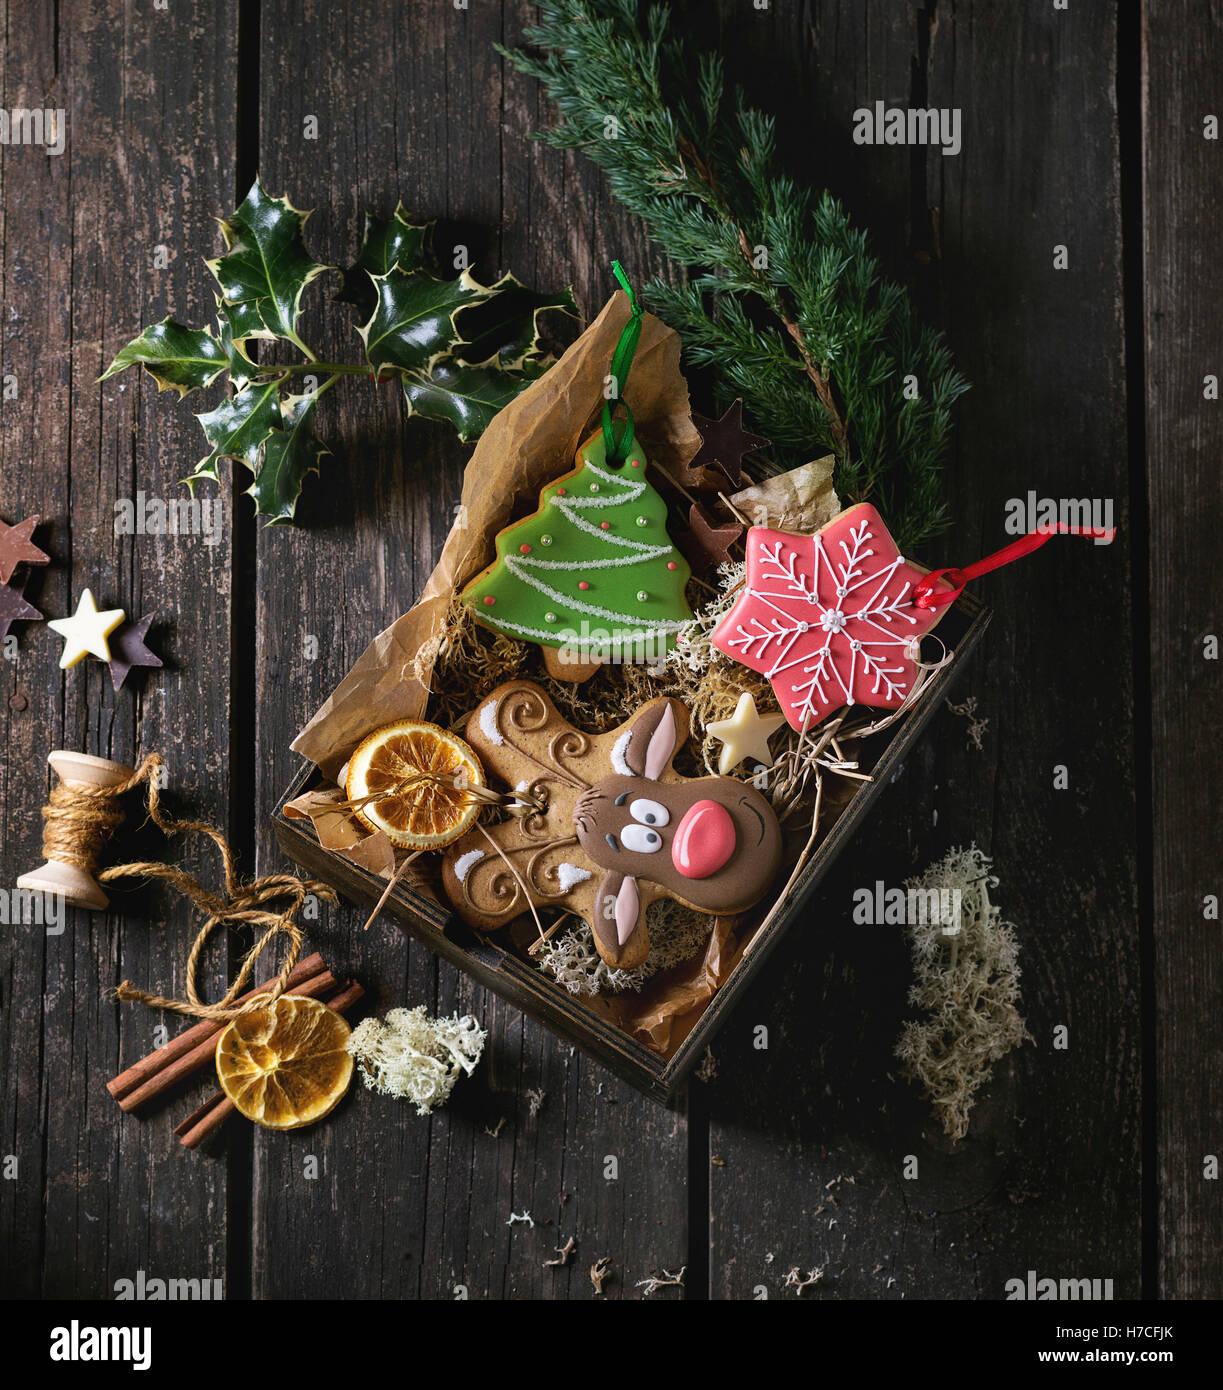 La main de Noël arbre de Noël à motifs gingerbreads comme, le renne Rudolph et formes flocon en boîte Photo Stock